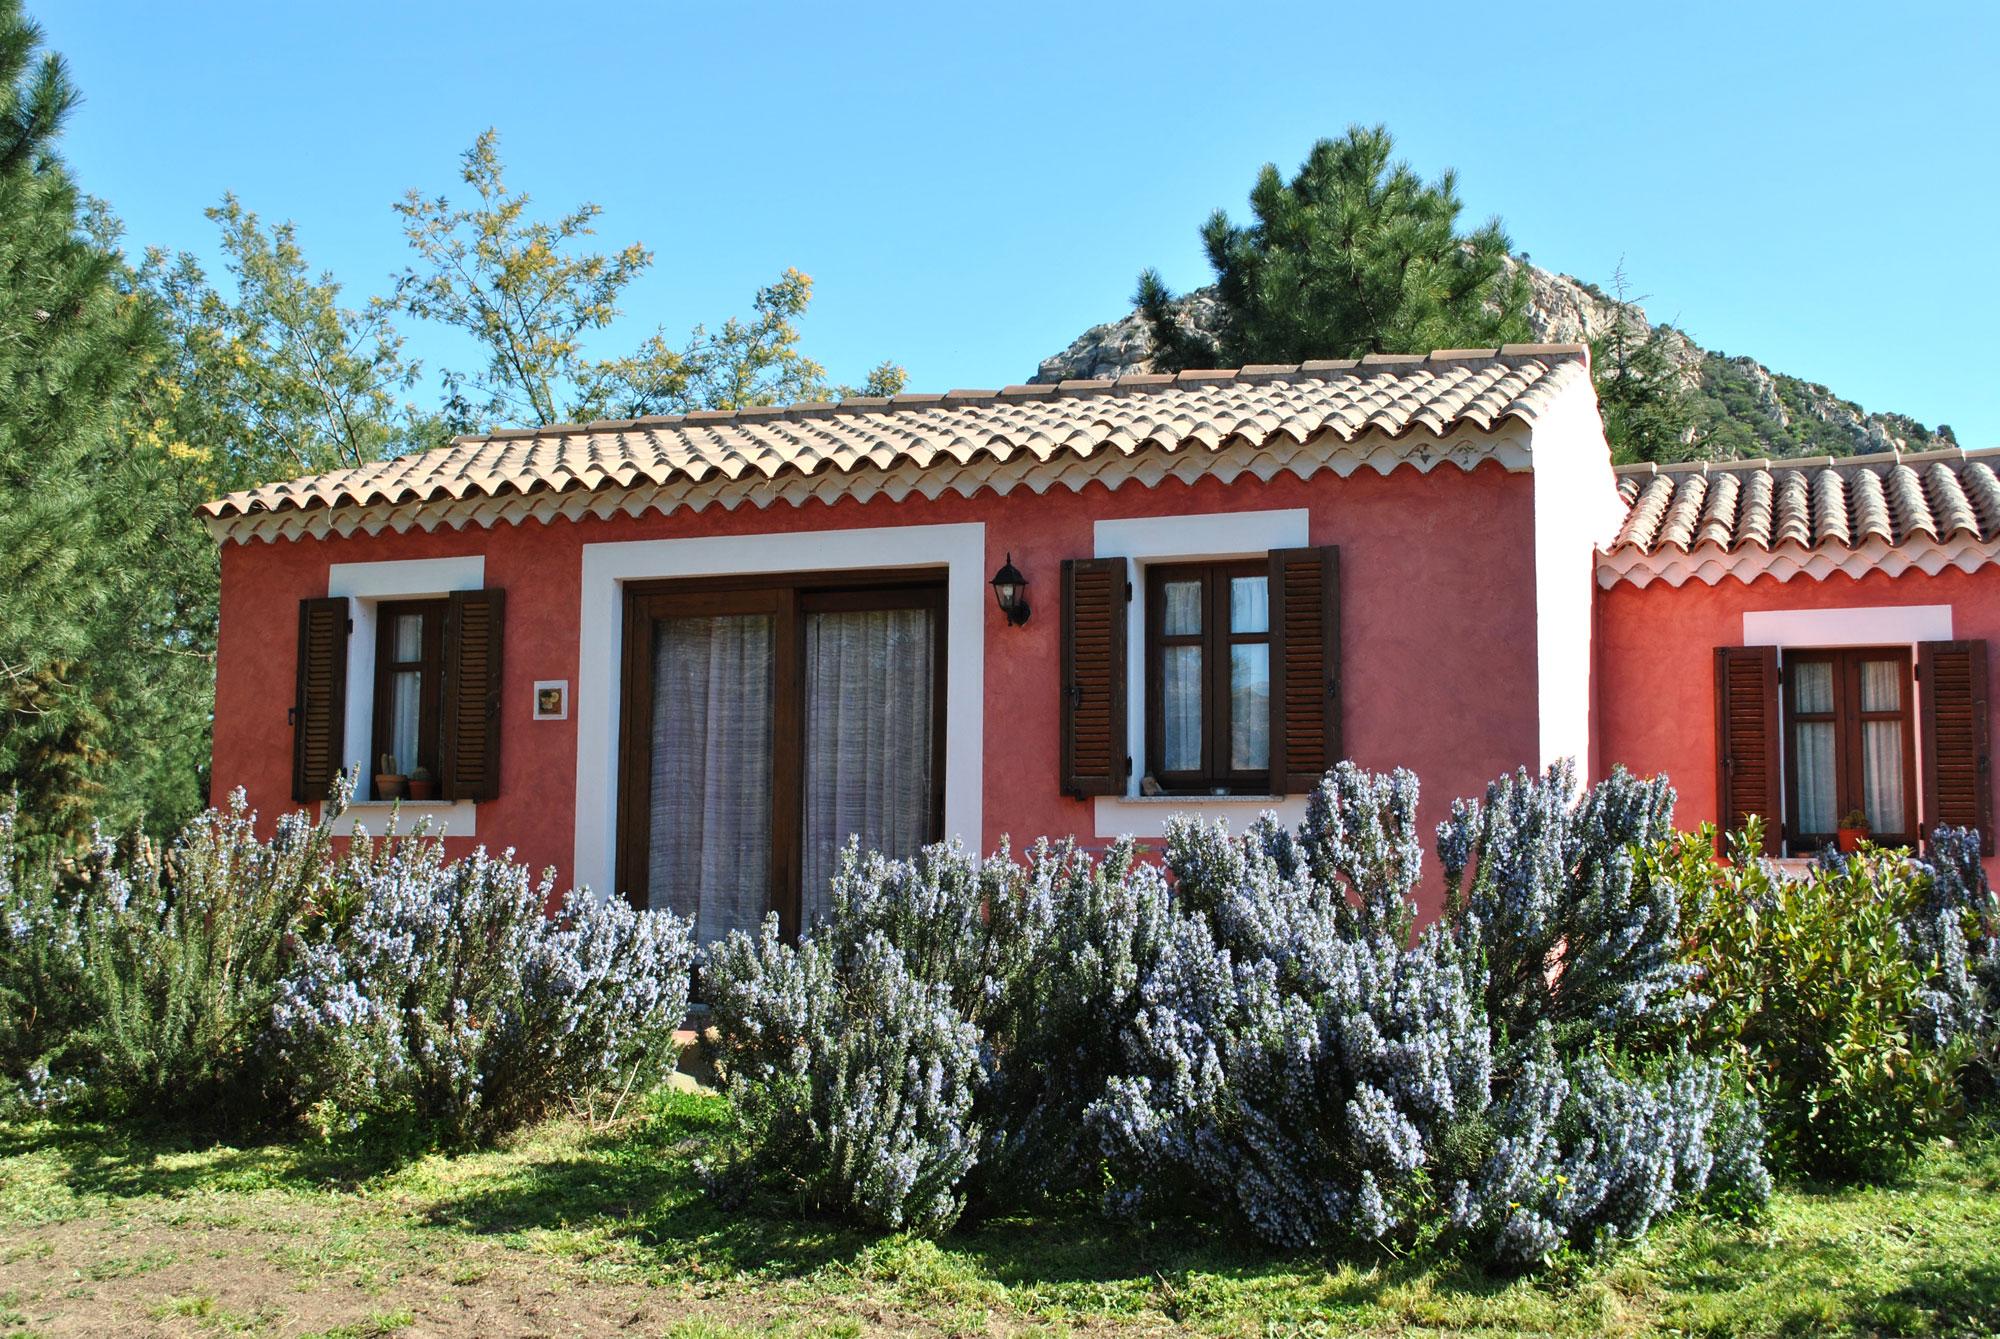 Facciate esterne case di campagna ka42 regardsdefemmes - Casa a colori ...